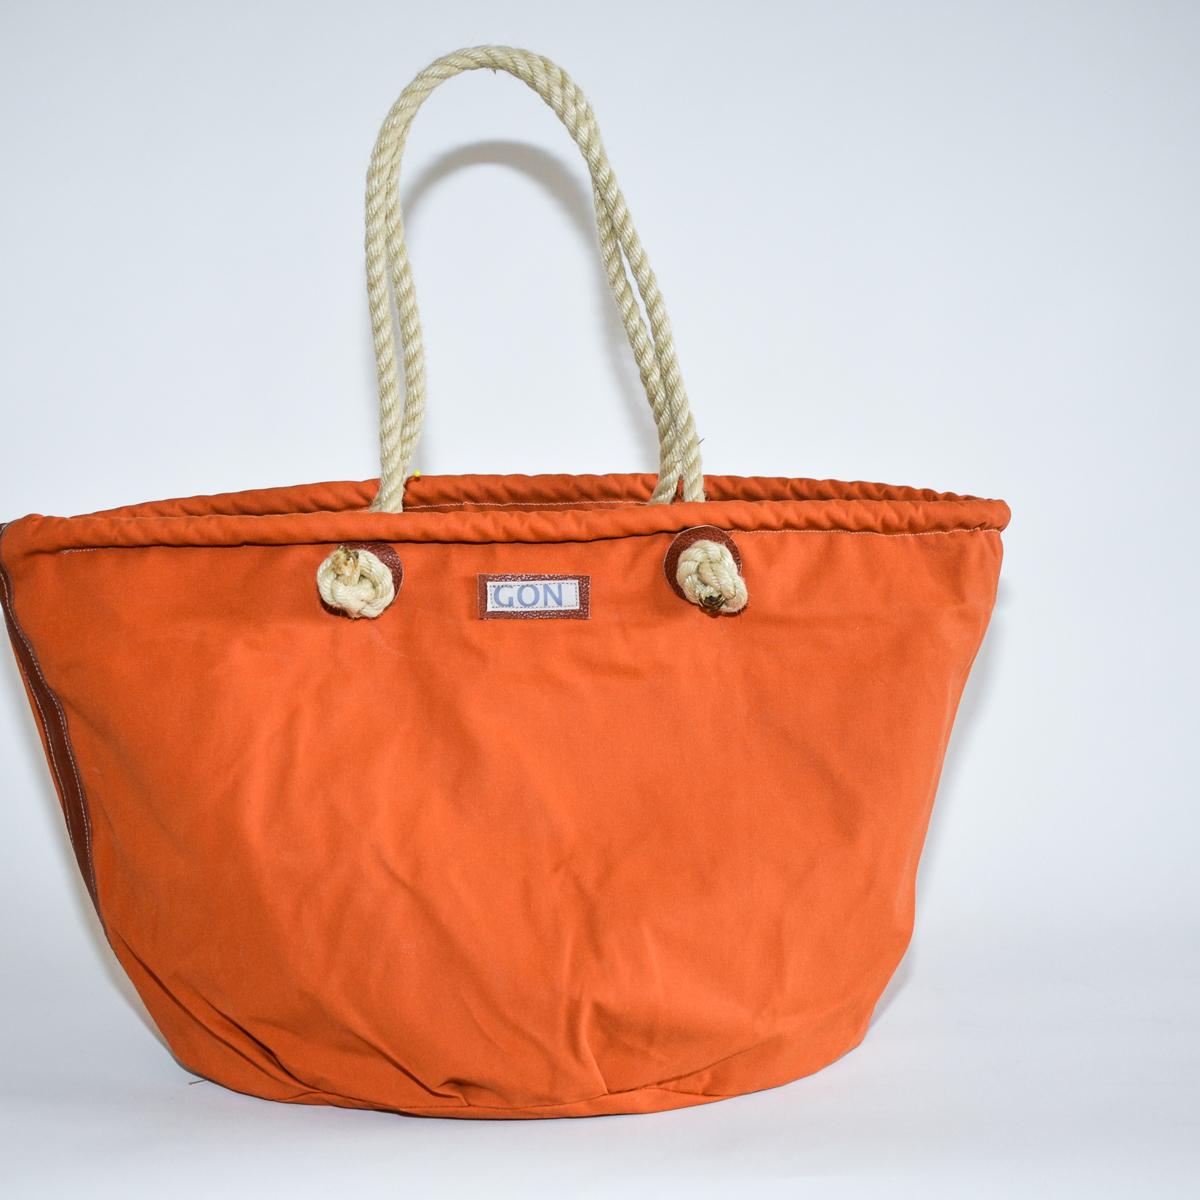 Grote Tas Maken : Grote tas